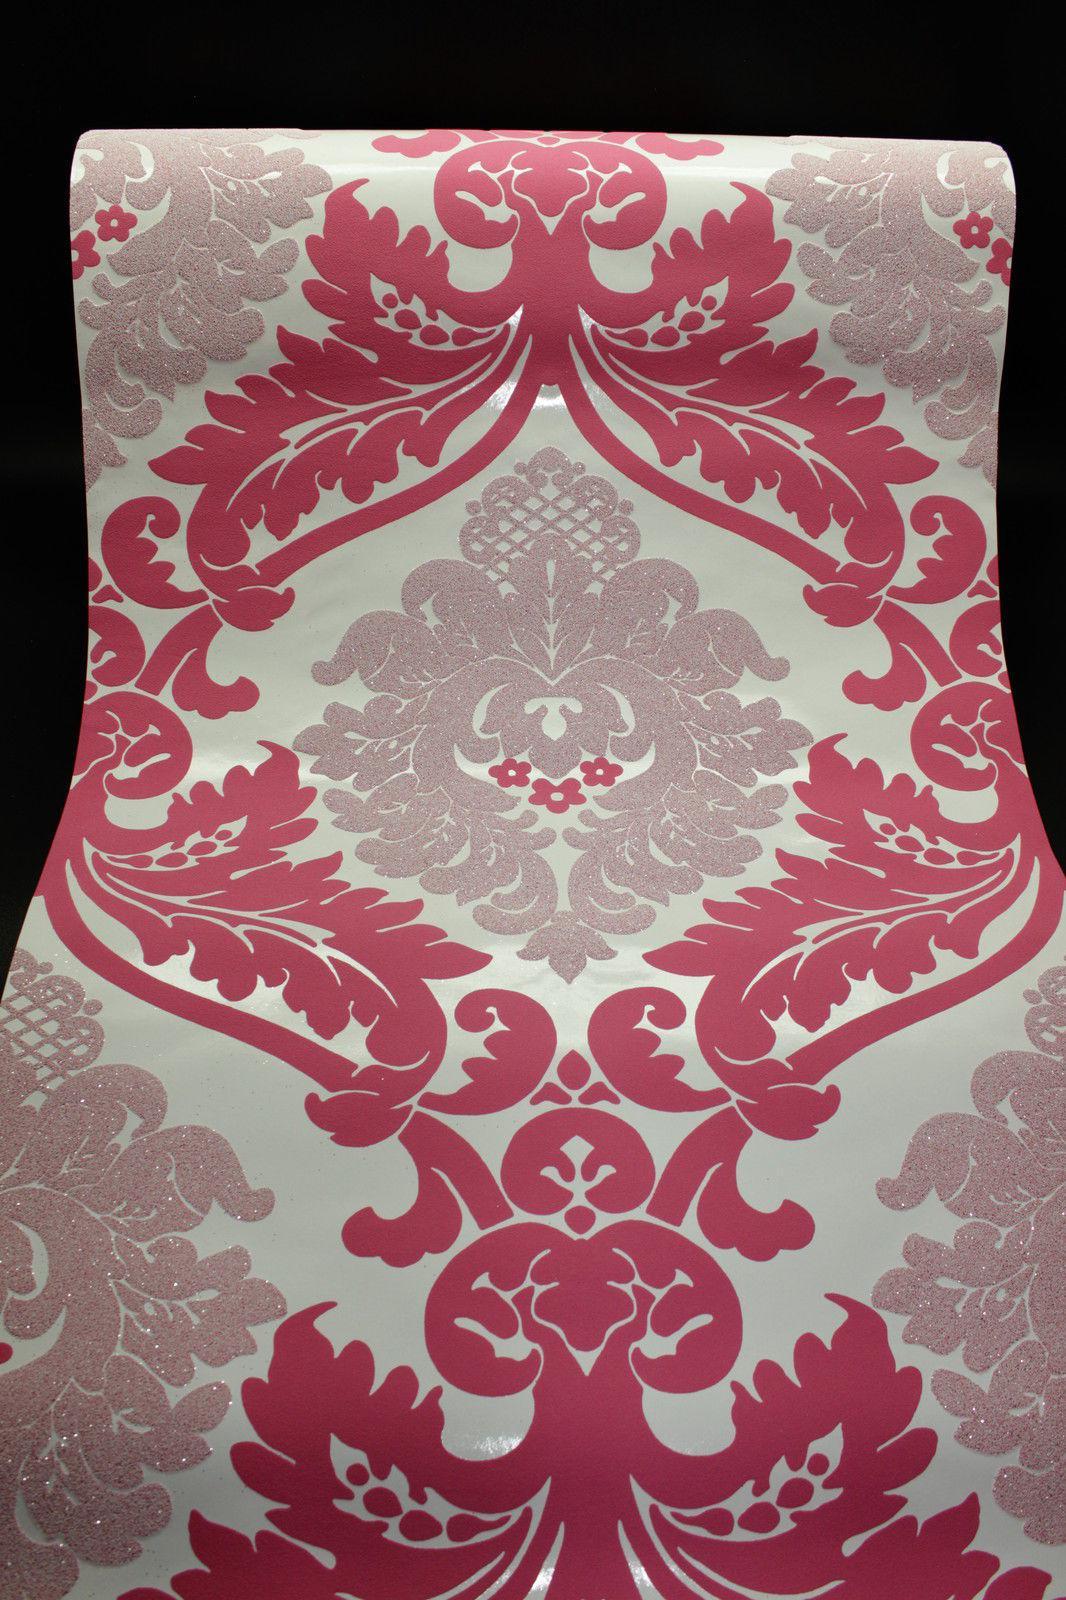 Tapete weiß ornamente  Funvit.com | Landhaus Schlafzimmer Weiß